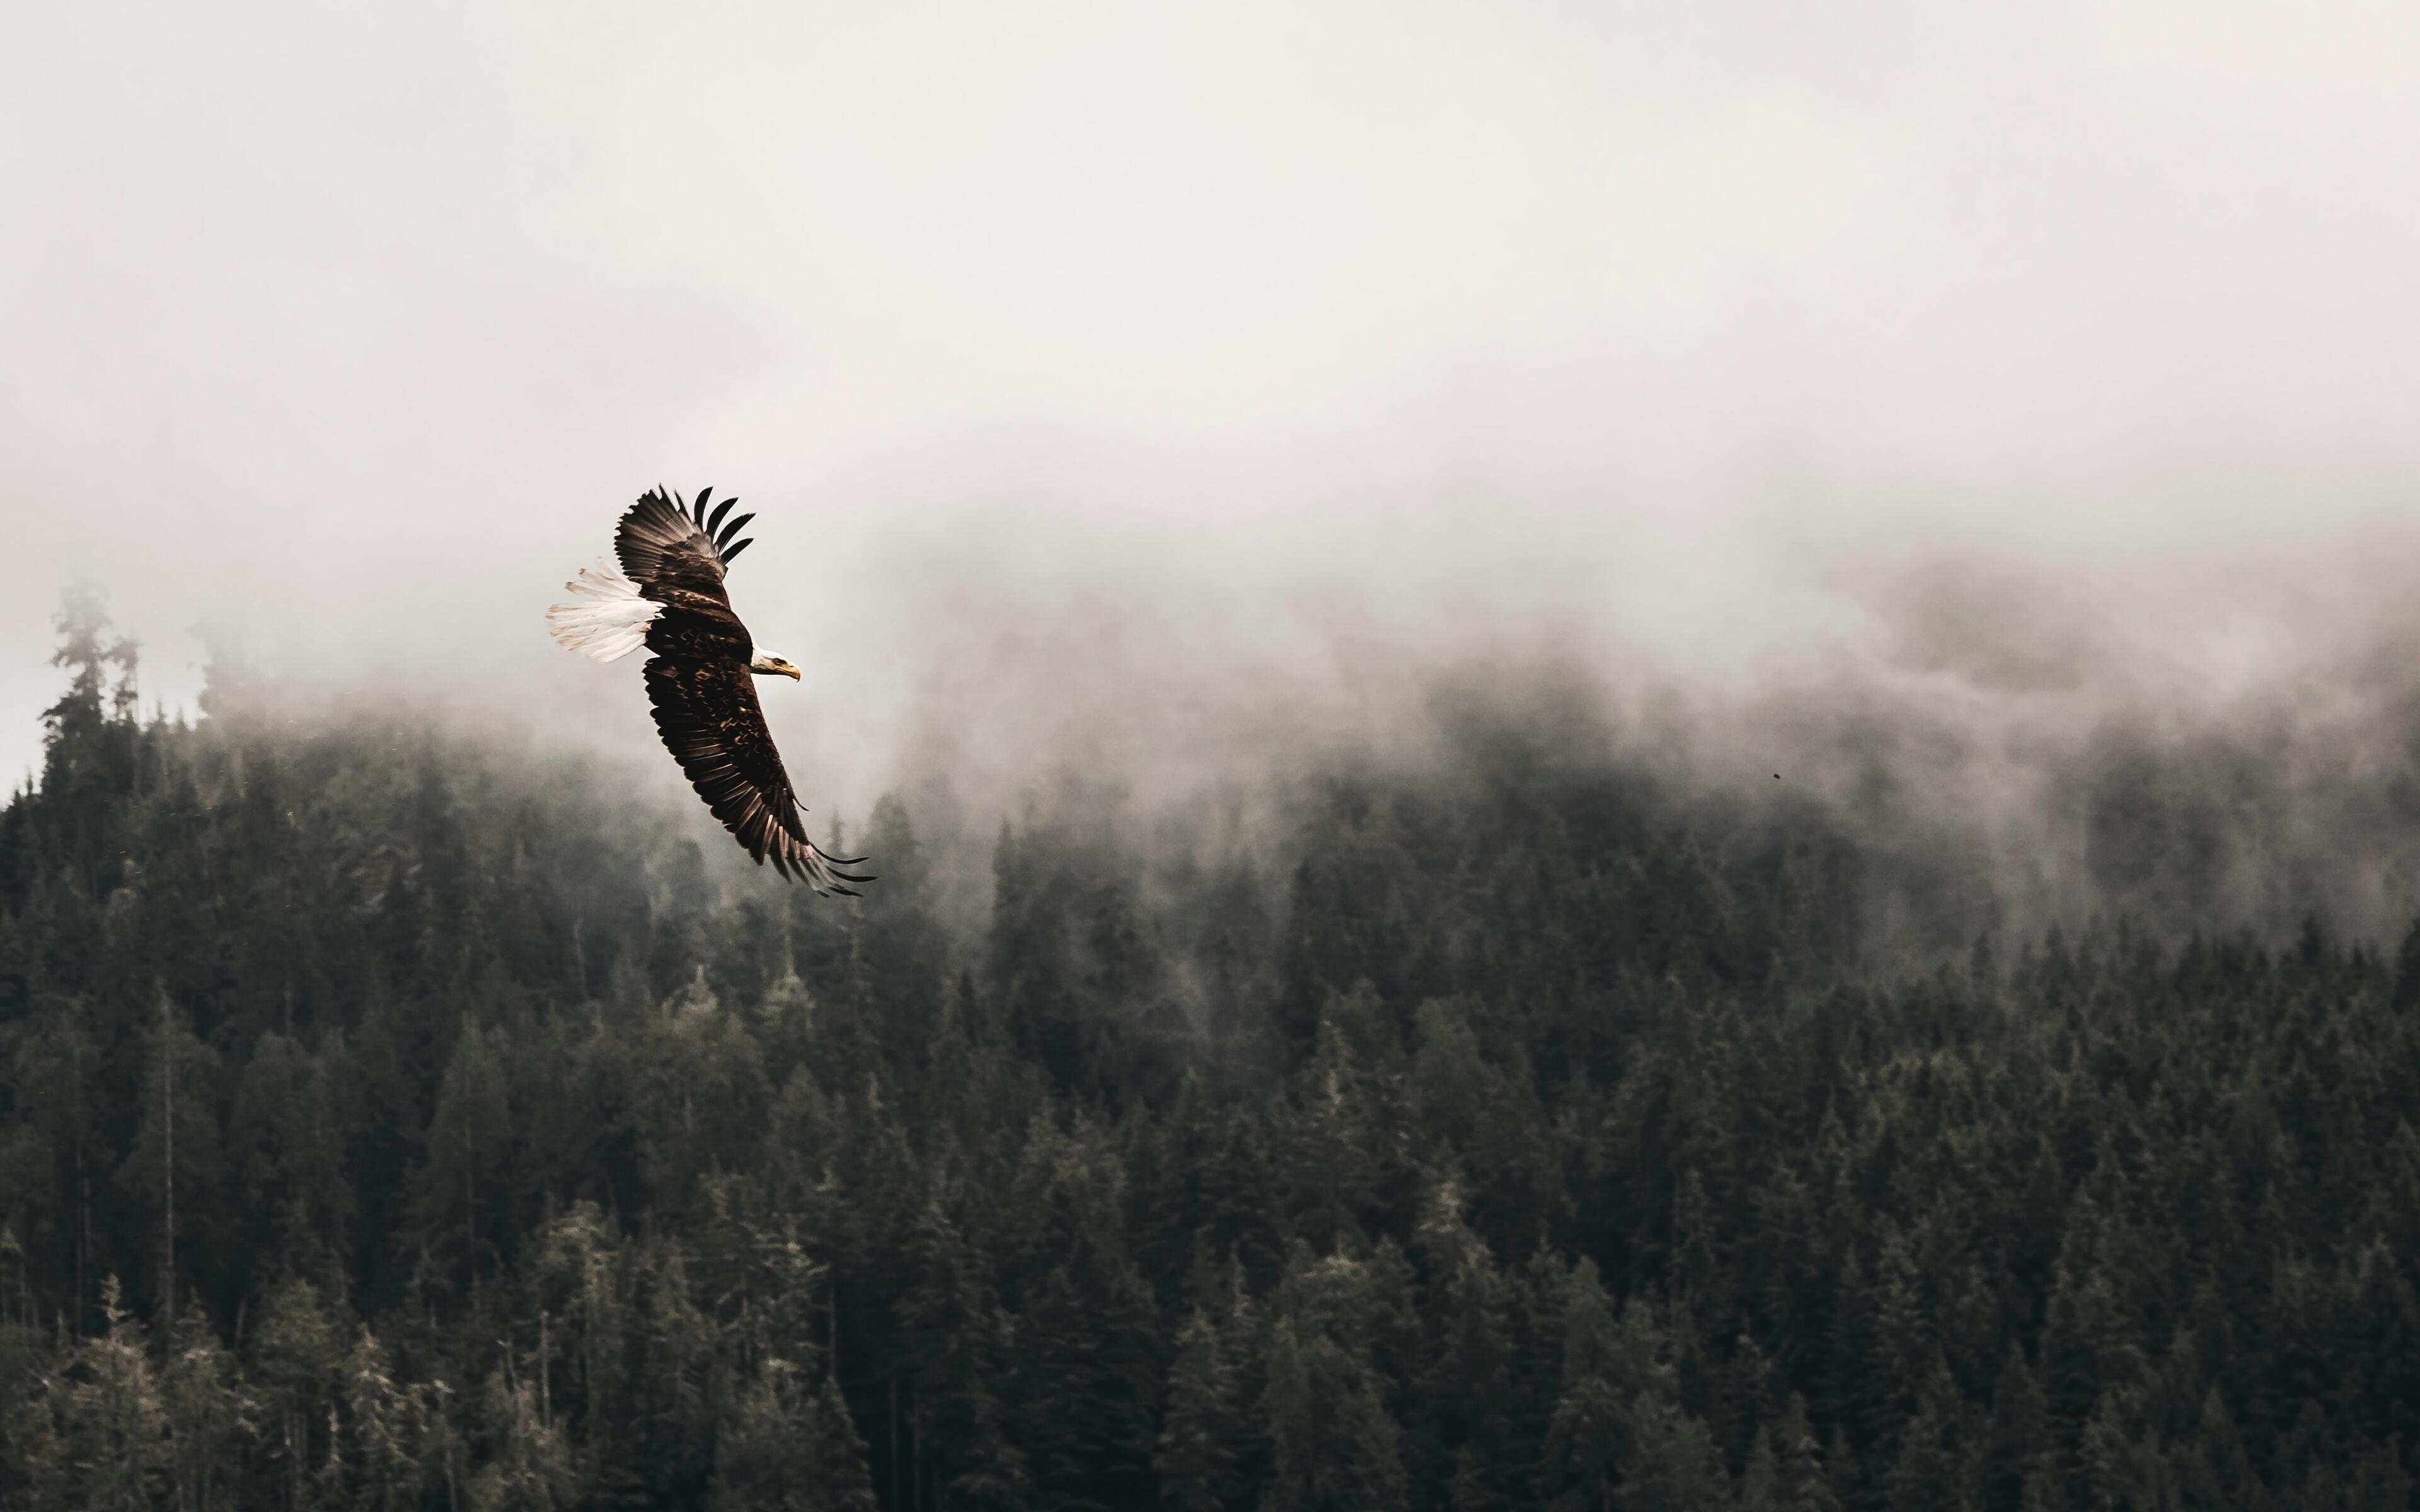 bald-eagle-sky-5k-jh.jpg